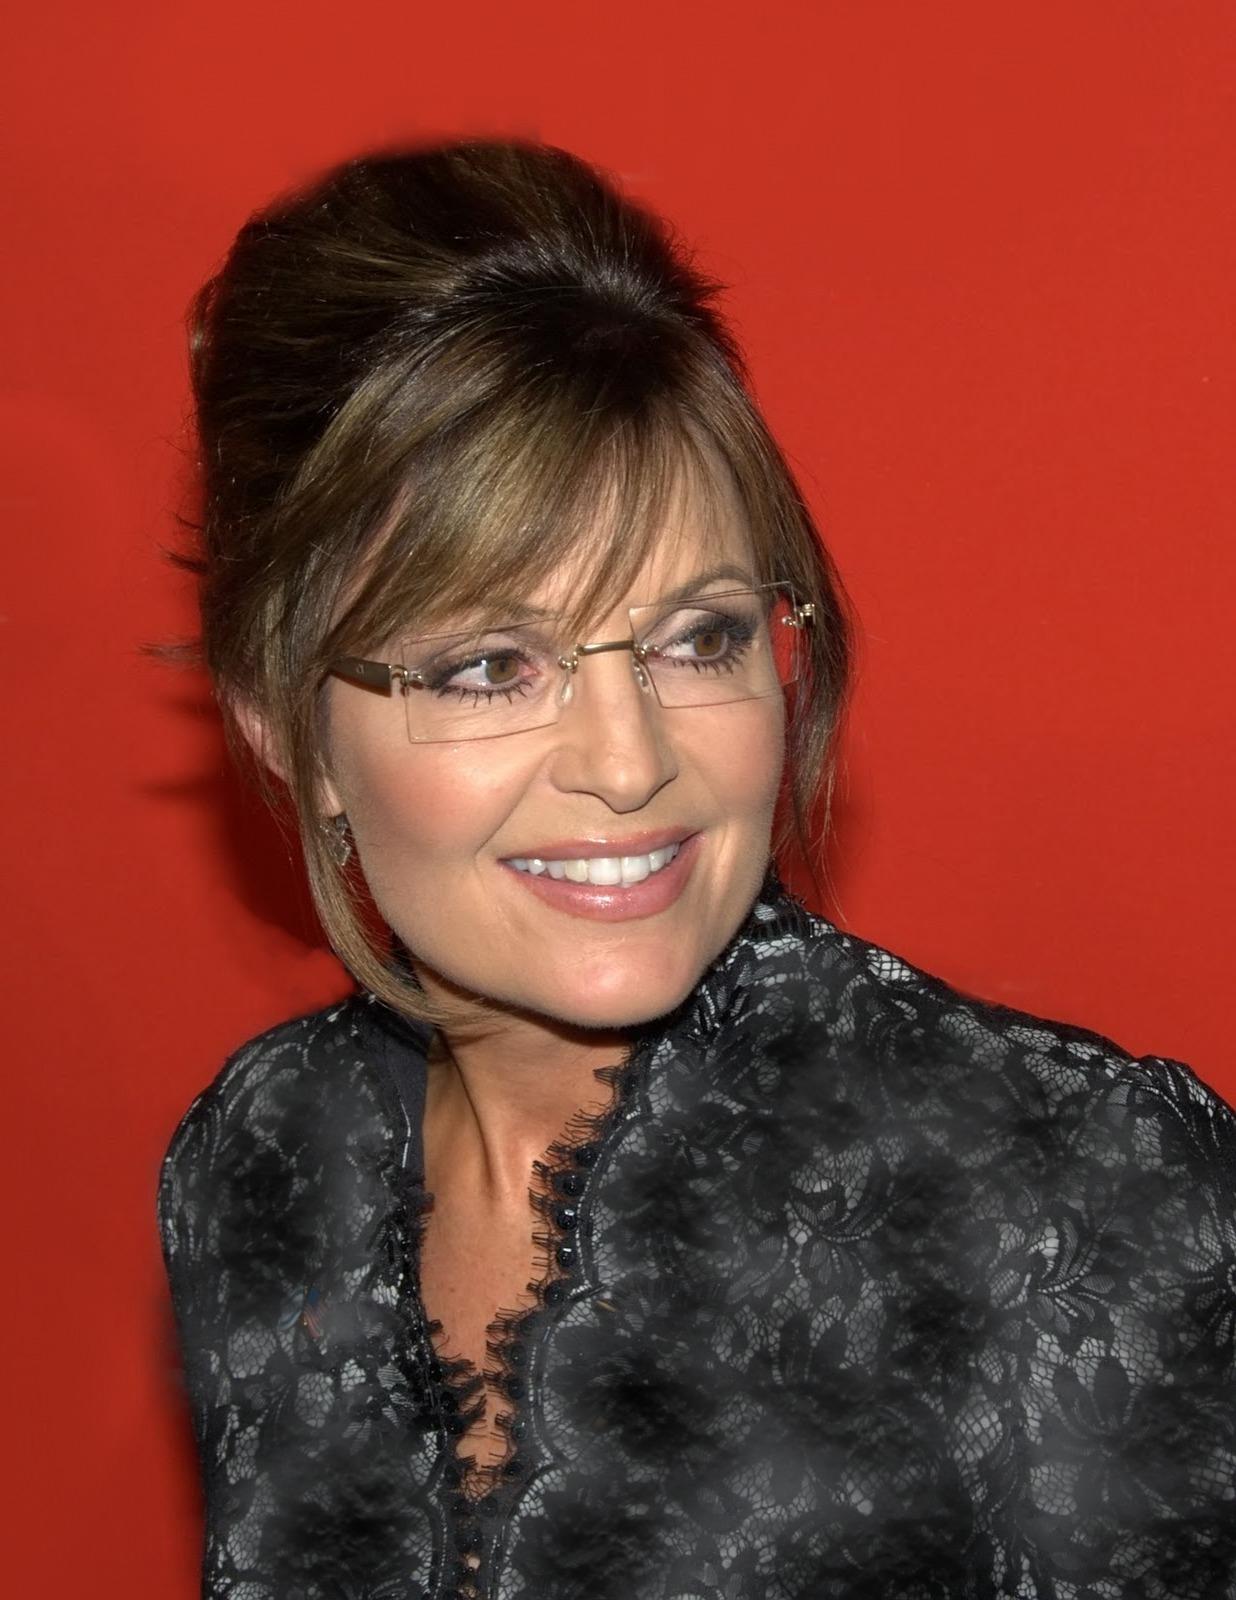 http://4.bp.blogspot.com/-wFTEcnjv83o/TbsSDQZ1VUI/AAAAAAAAAaM/QATB2OsjFDo/s1600/Sarah-Palin-.jpg